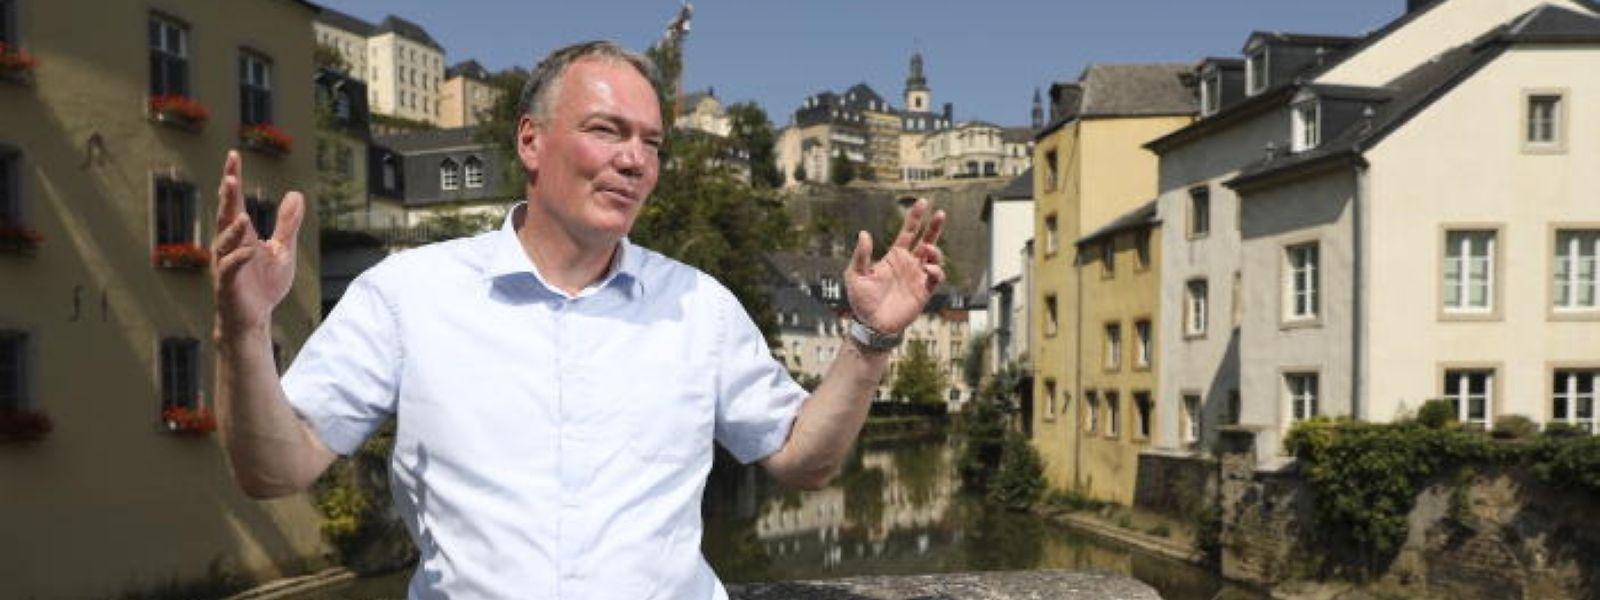 Andreas Steier vertritt den Raum Trier in Deutschen Bundestag und versucht auch dort für die Großregion zu werben.